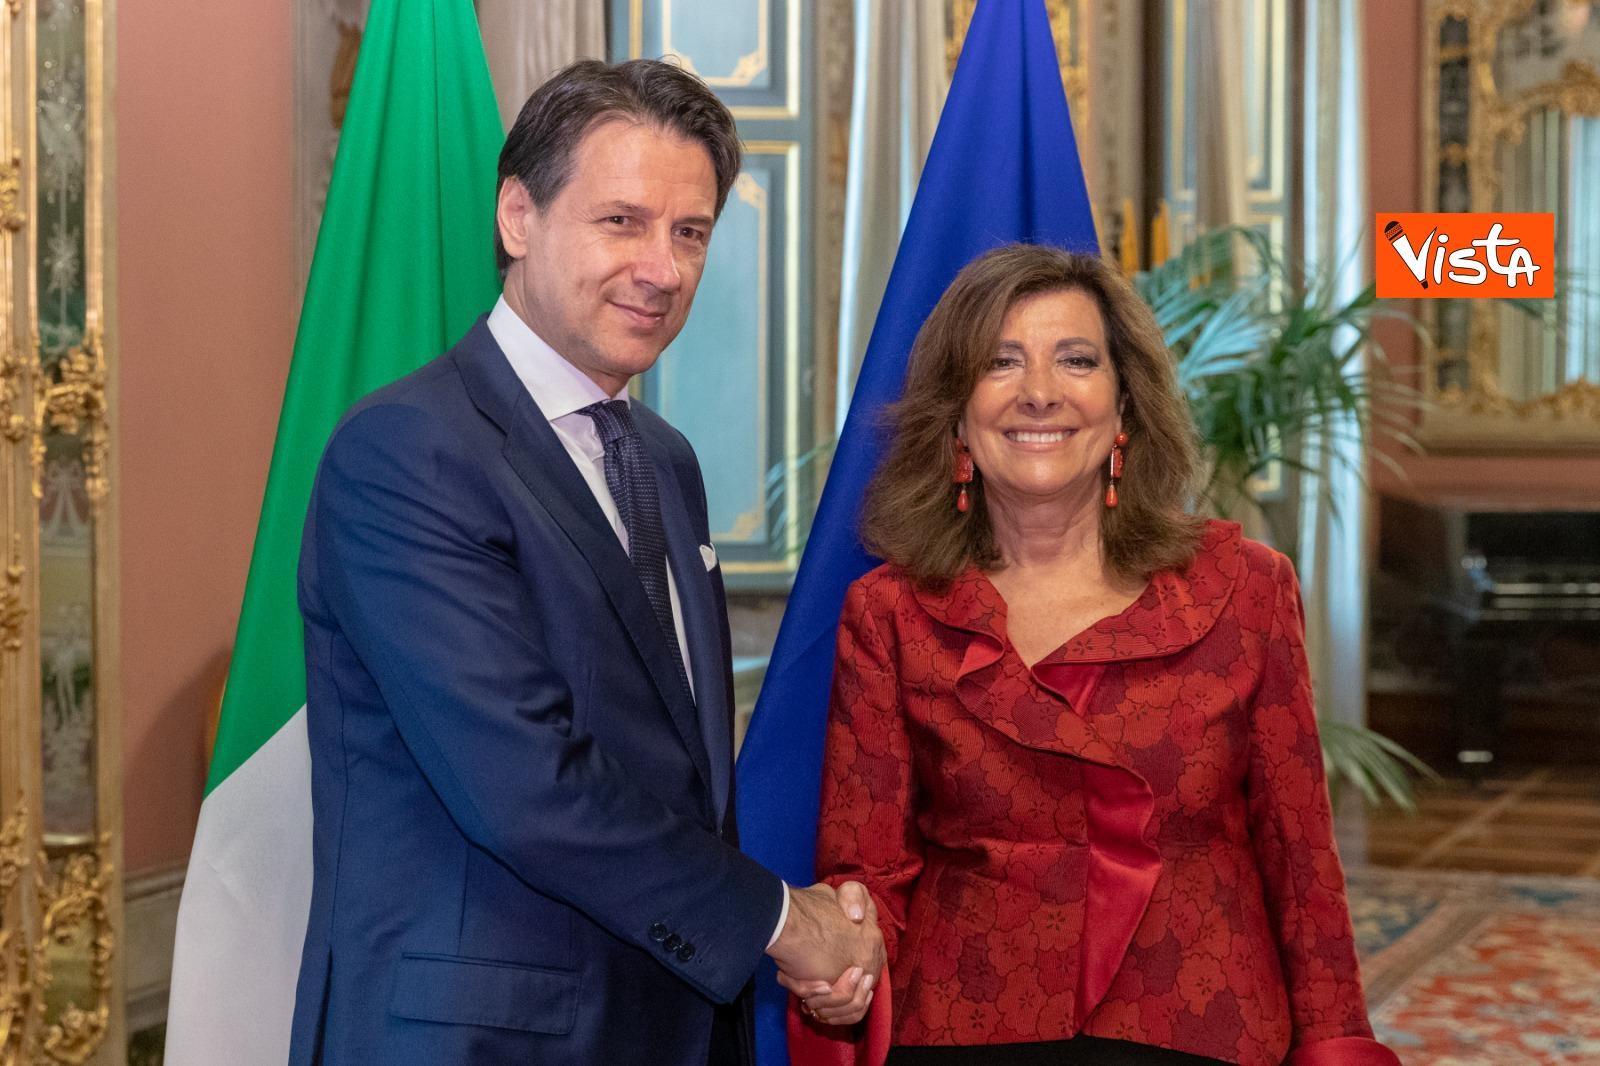 Giuseppe Conte, Maria Elisabetta Alberti Casellati_02